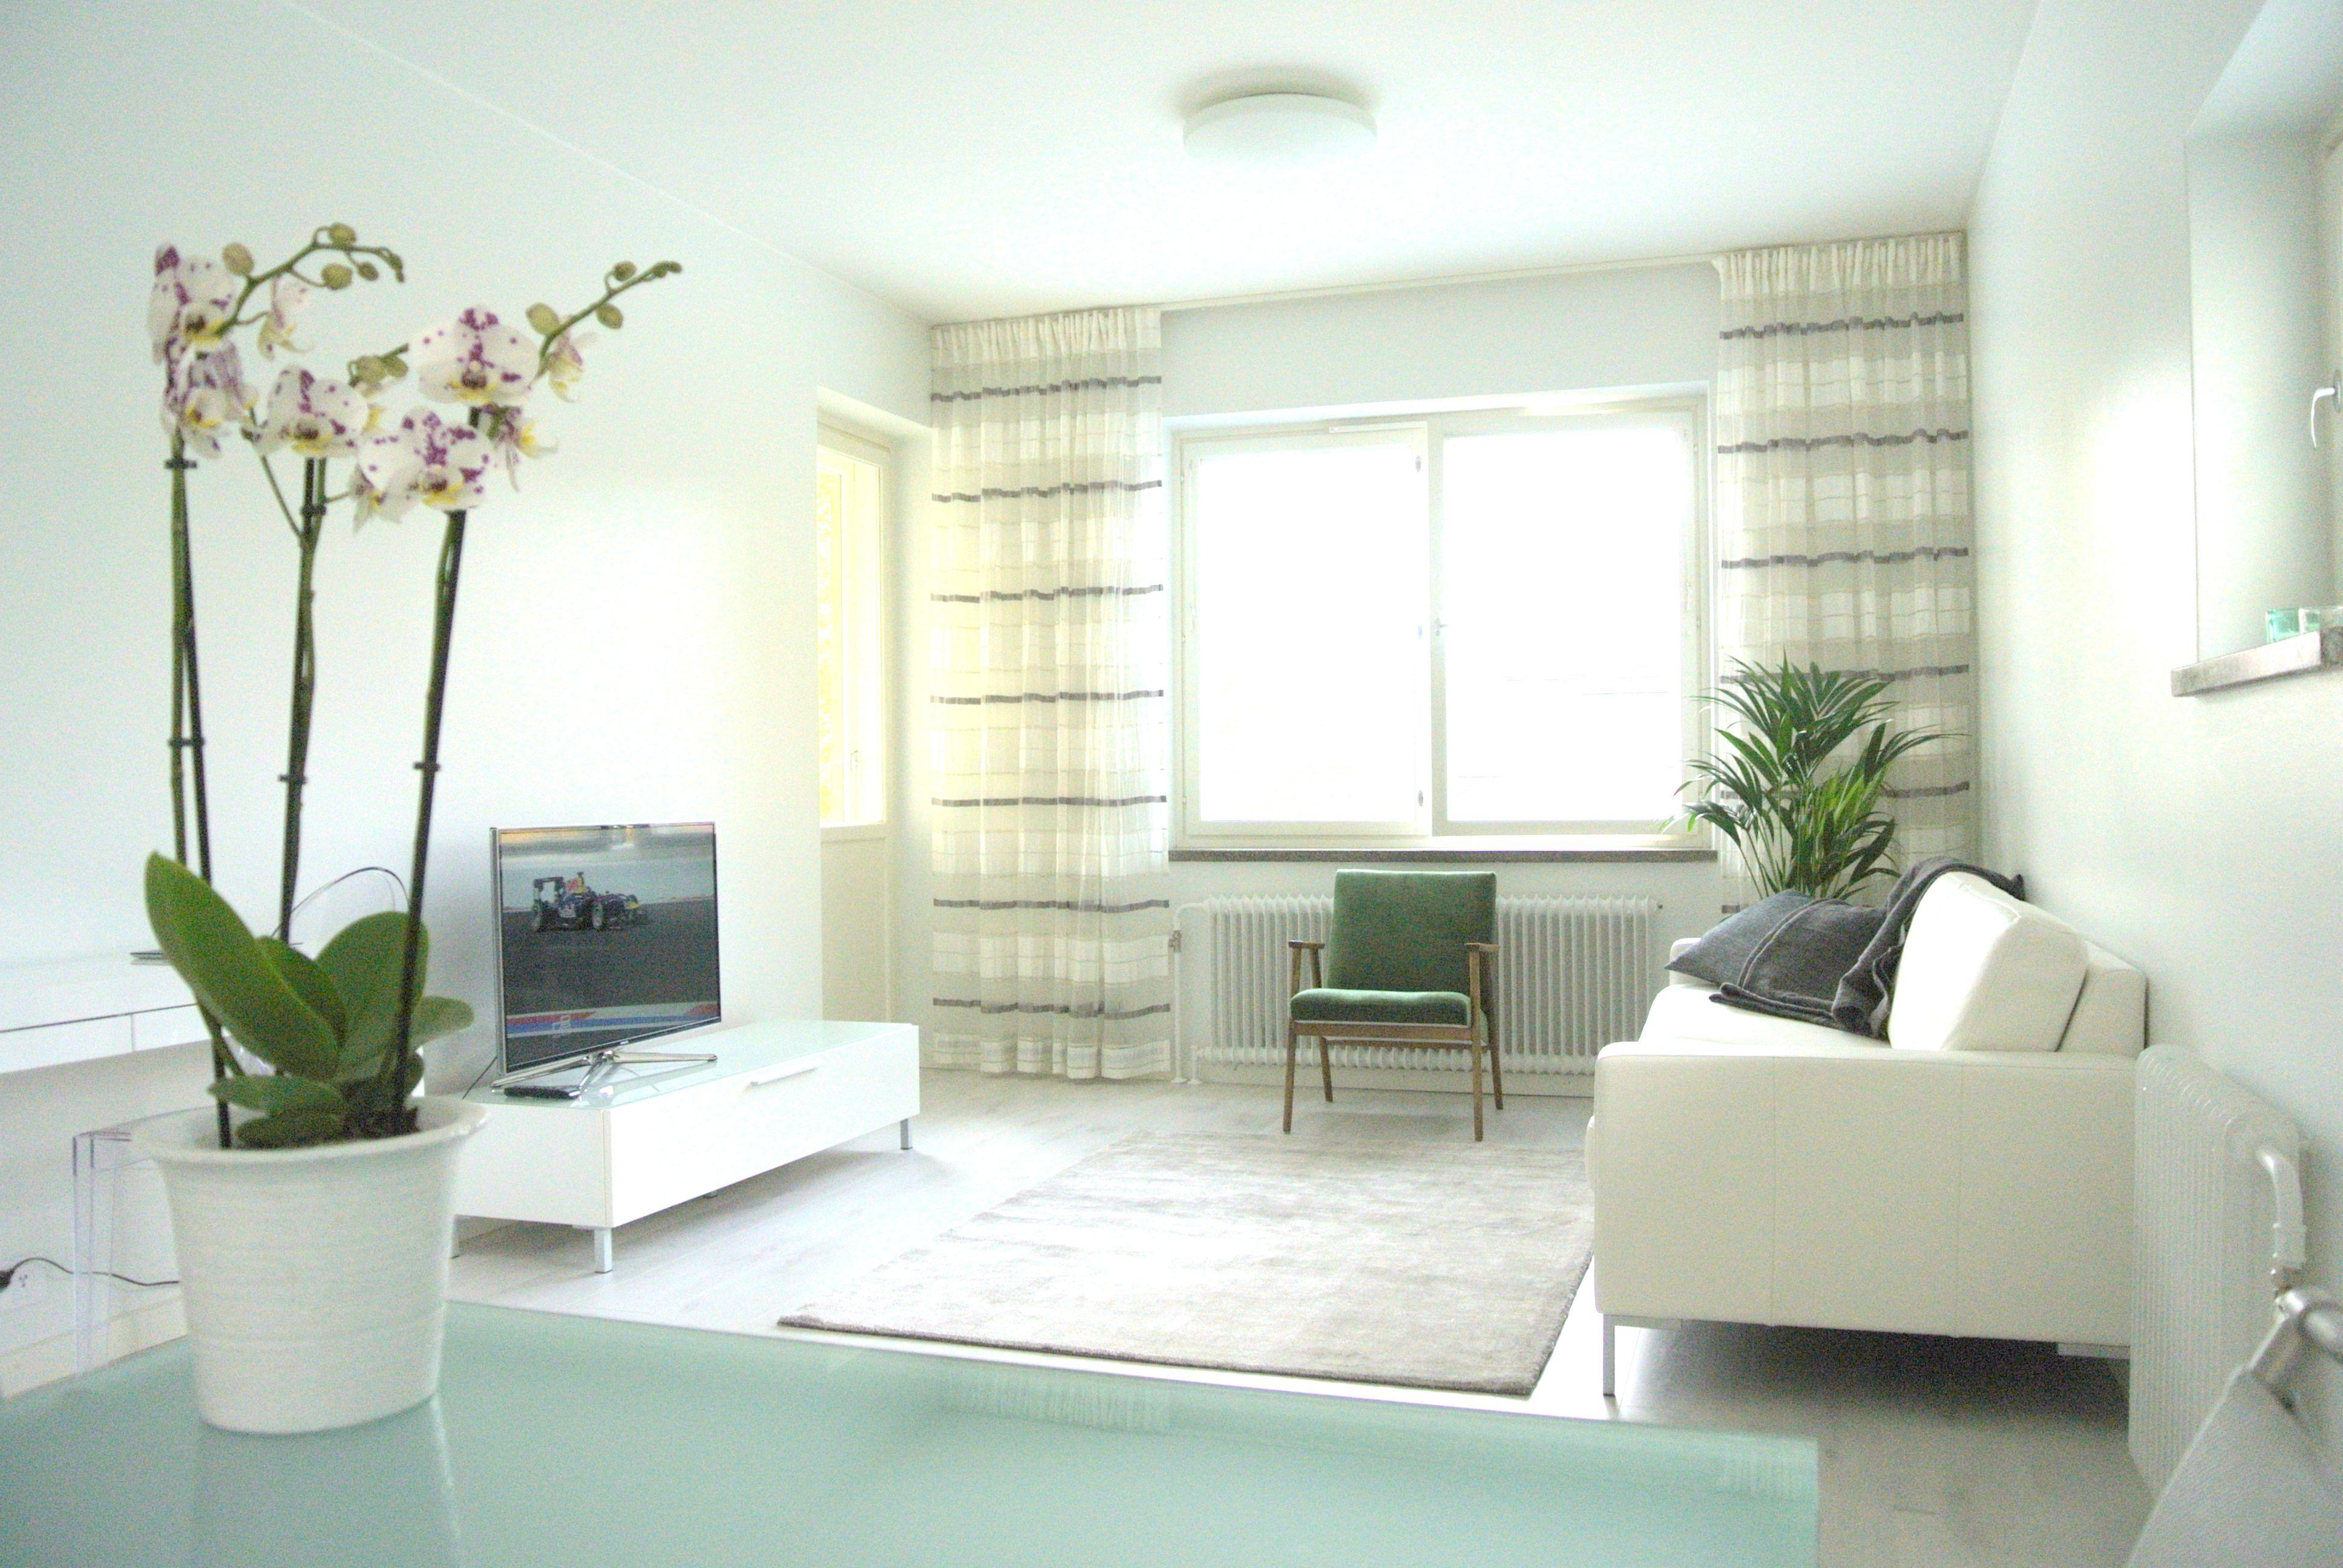 Valkoinen olohuone alkaa valmistua.